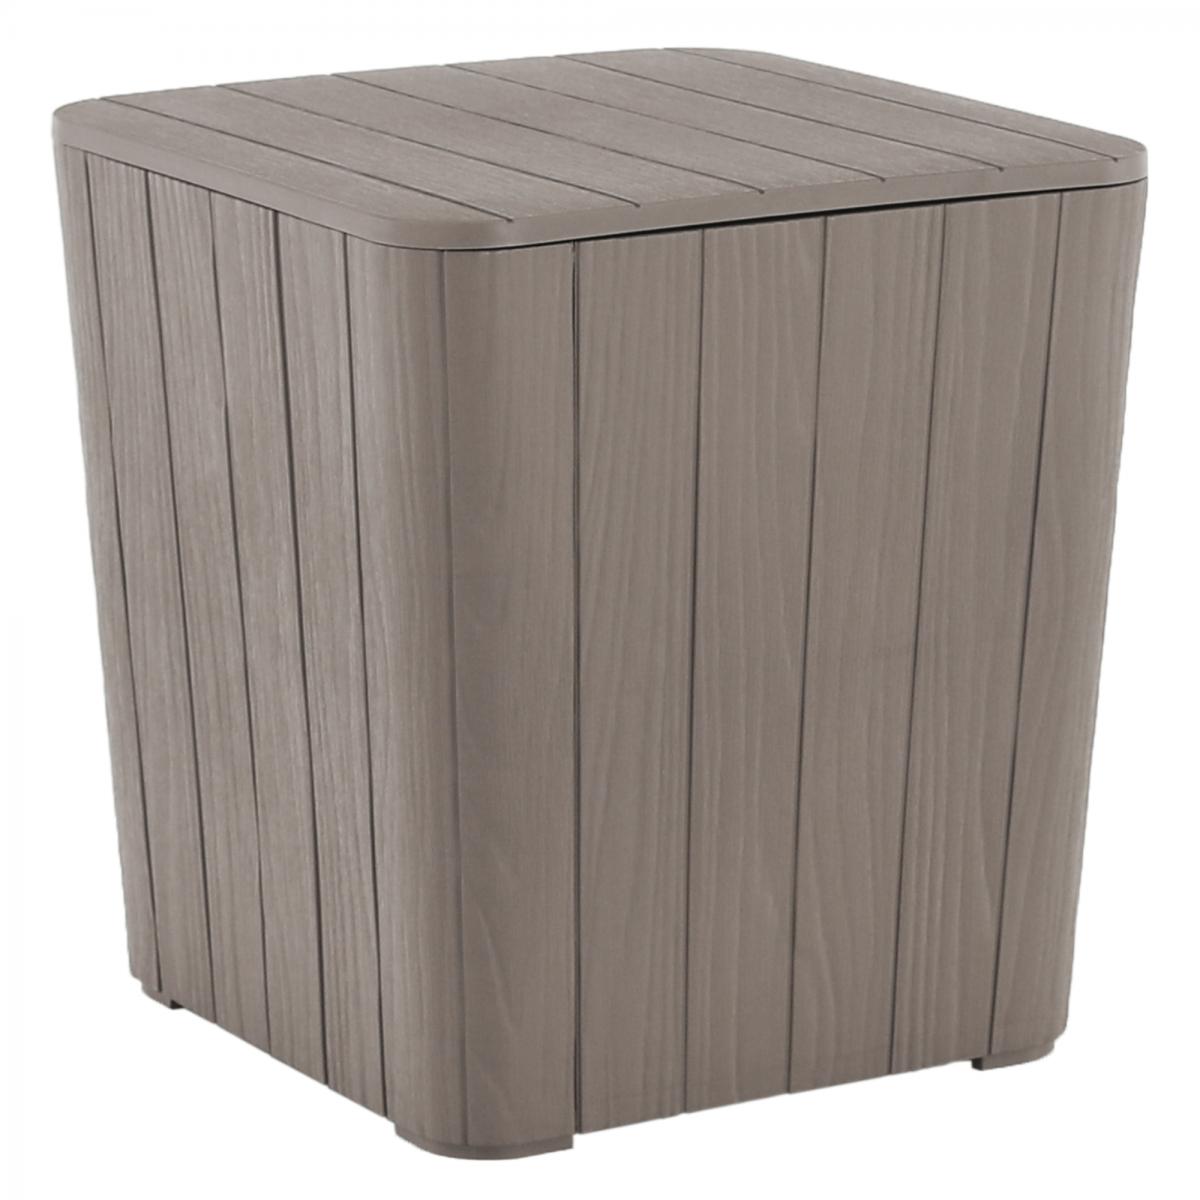 Kerti tároló doboz/kisasztal, szürke, IBLIS